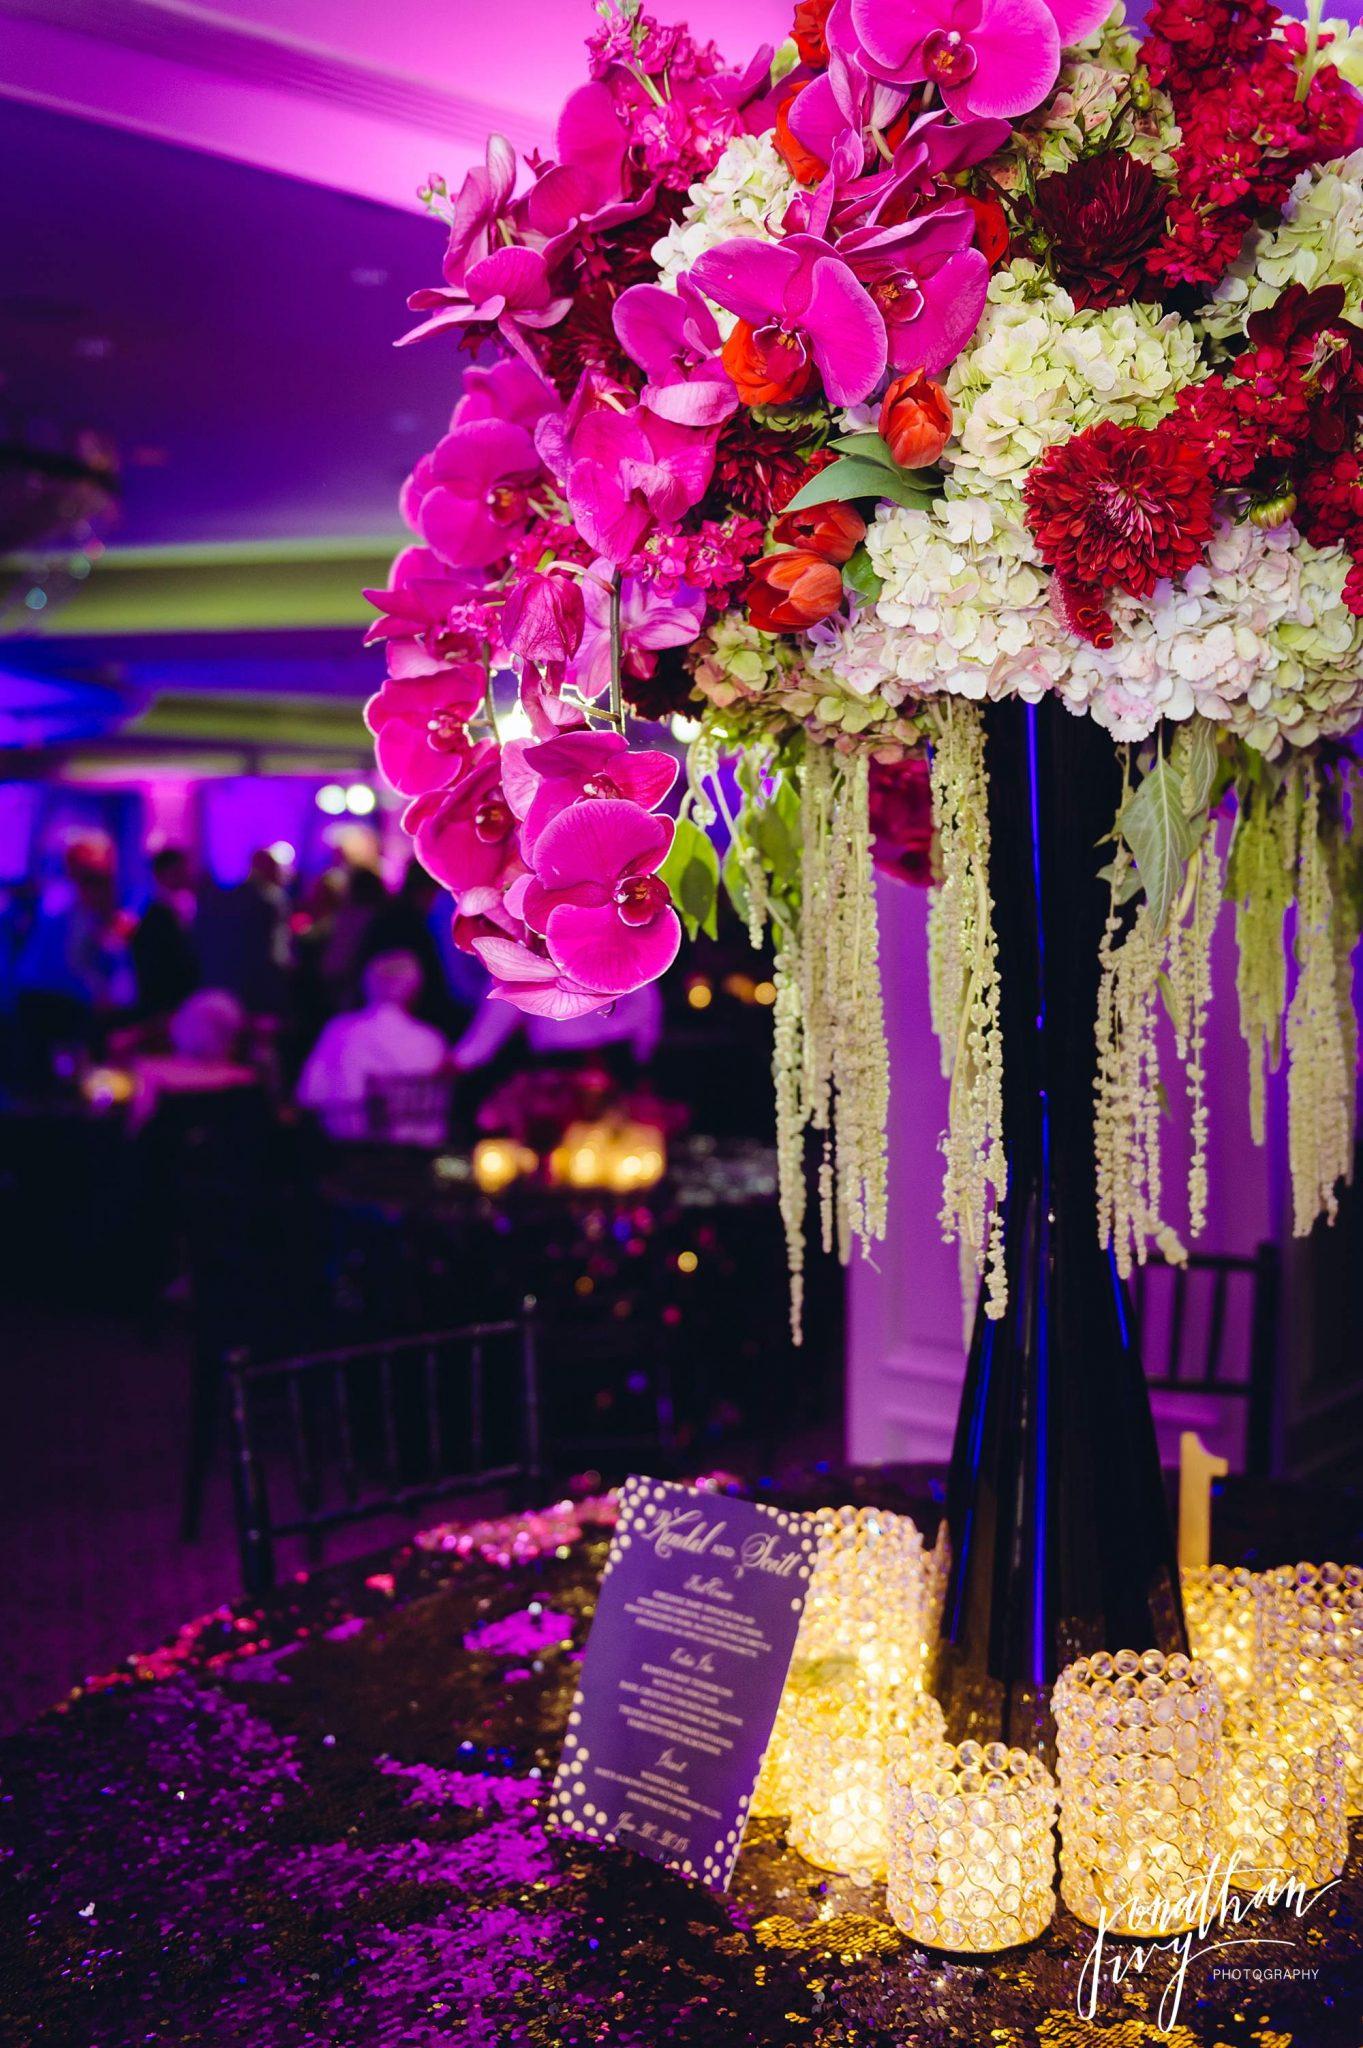 Hotel-Zaza-Houston-Wedding-Reception-0052.jpg